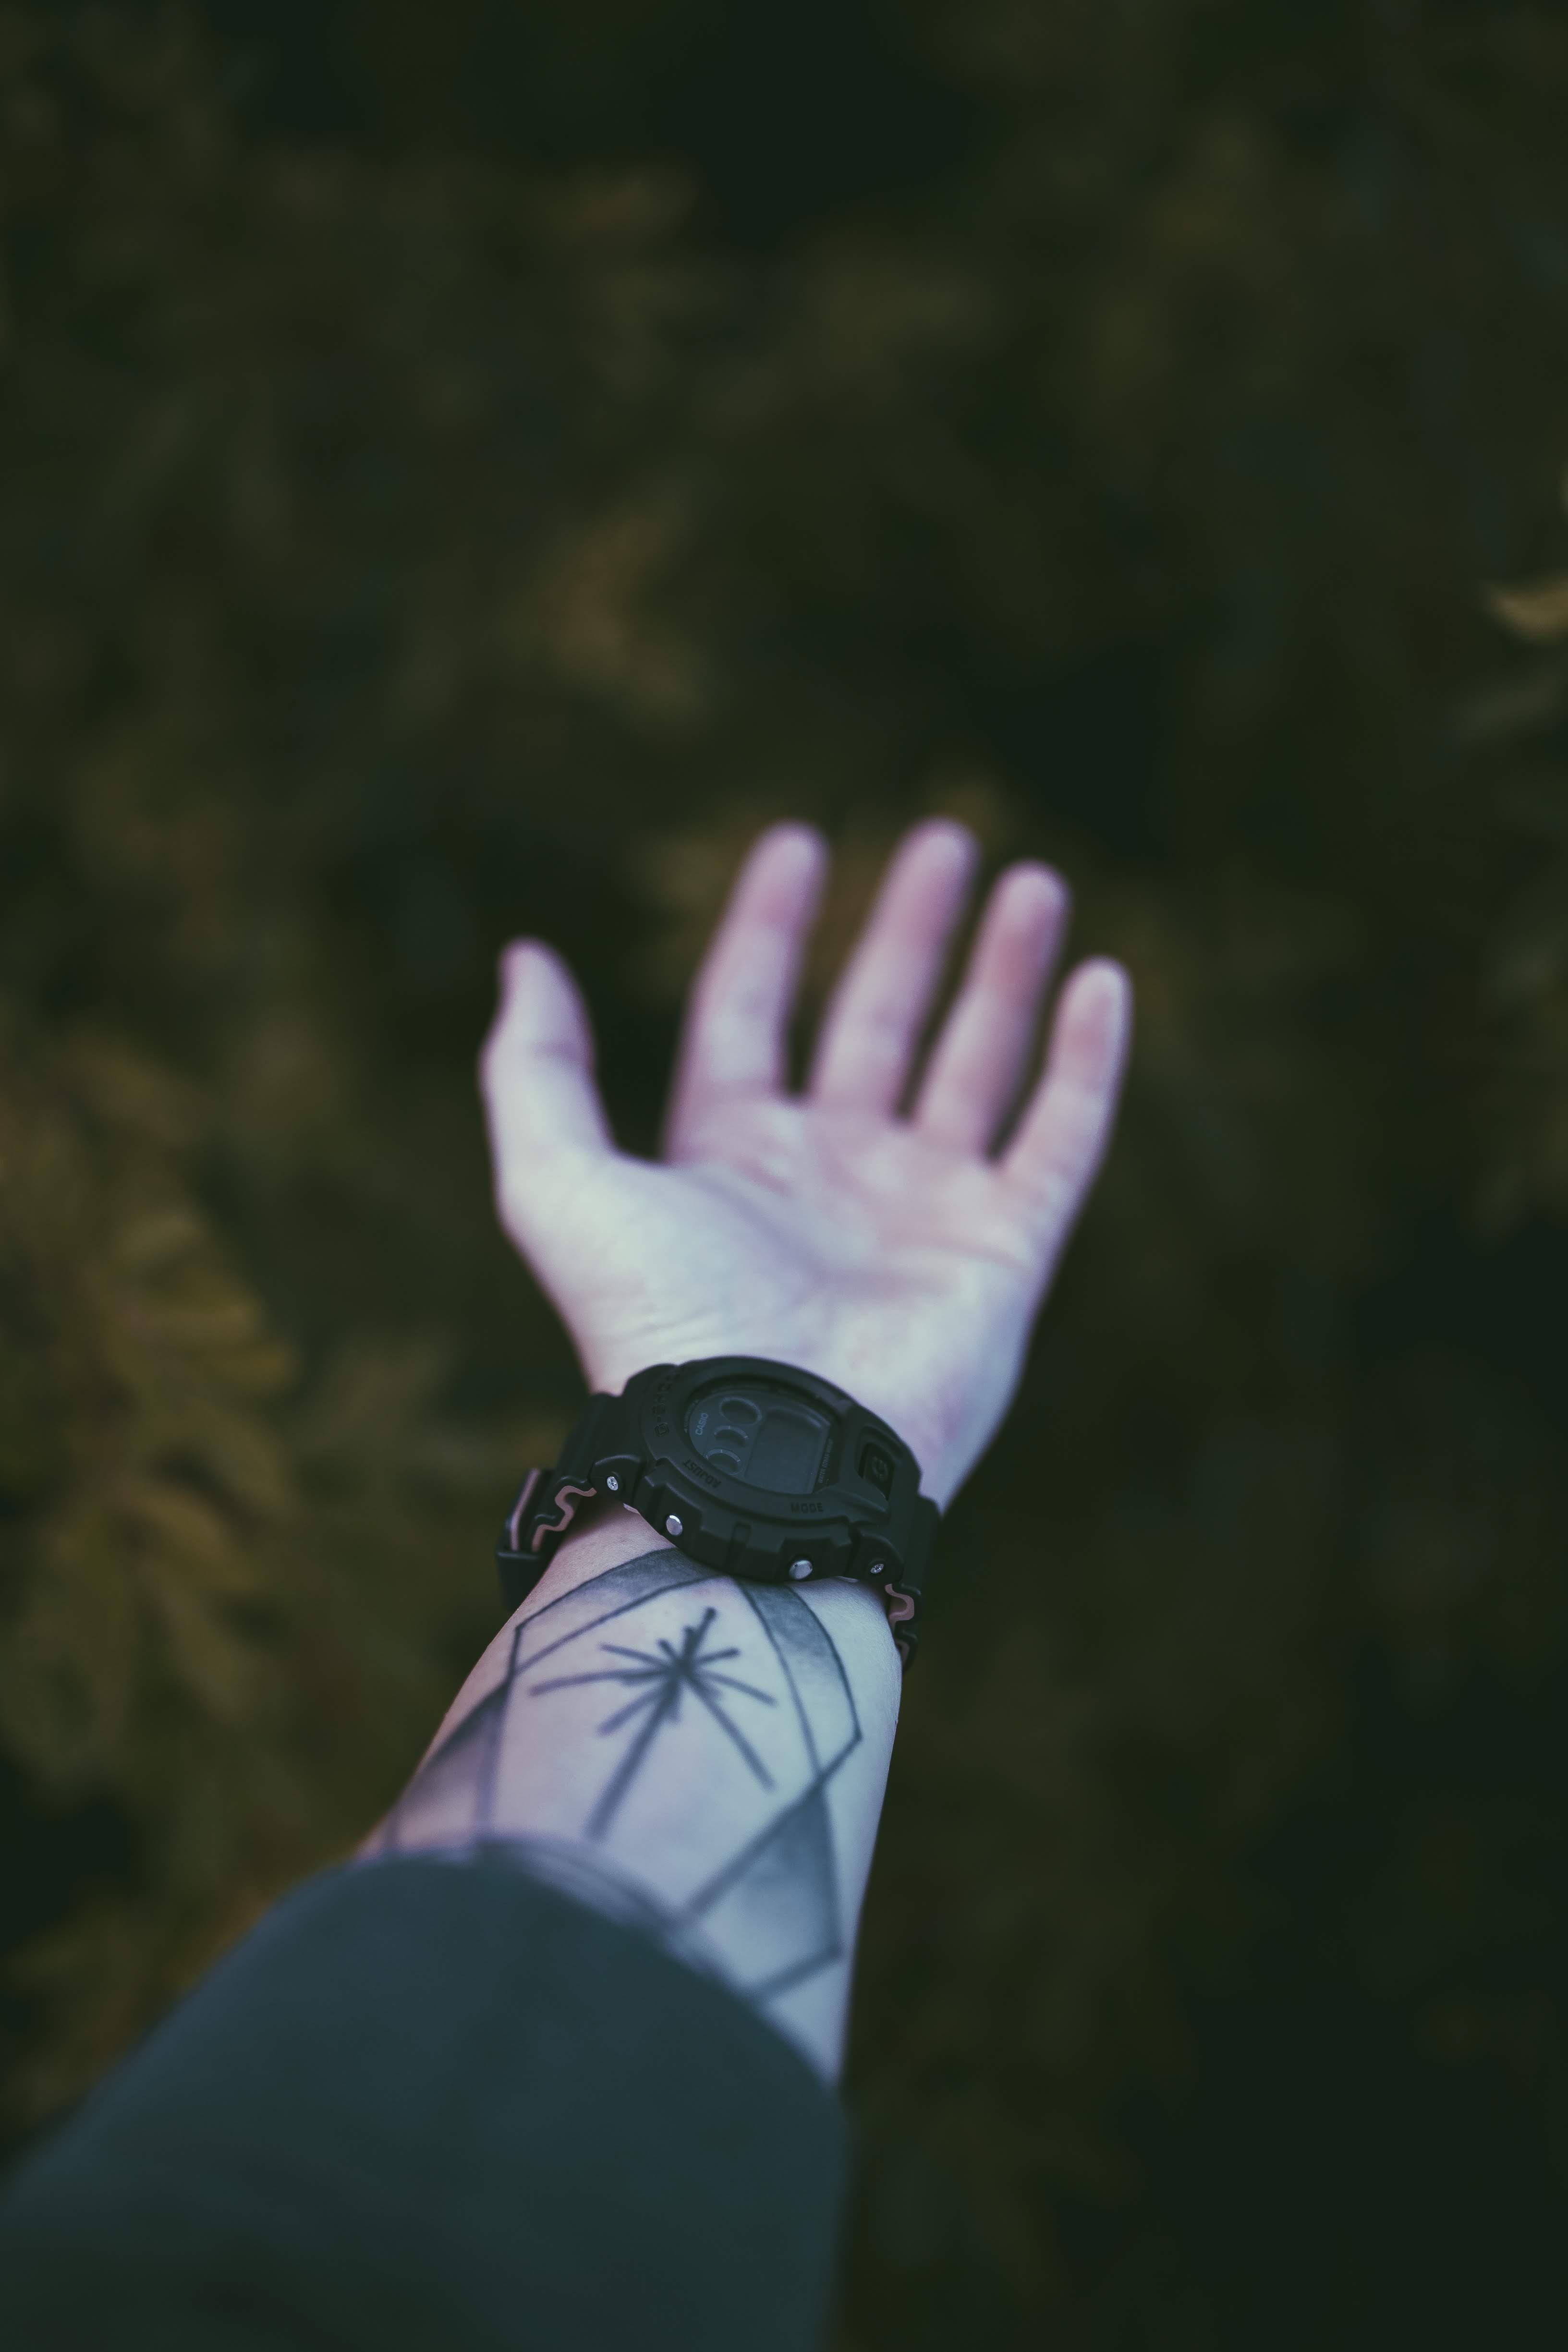 person wearing round black digital watch